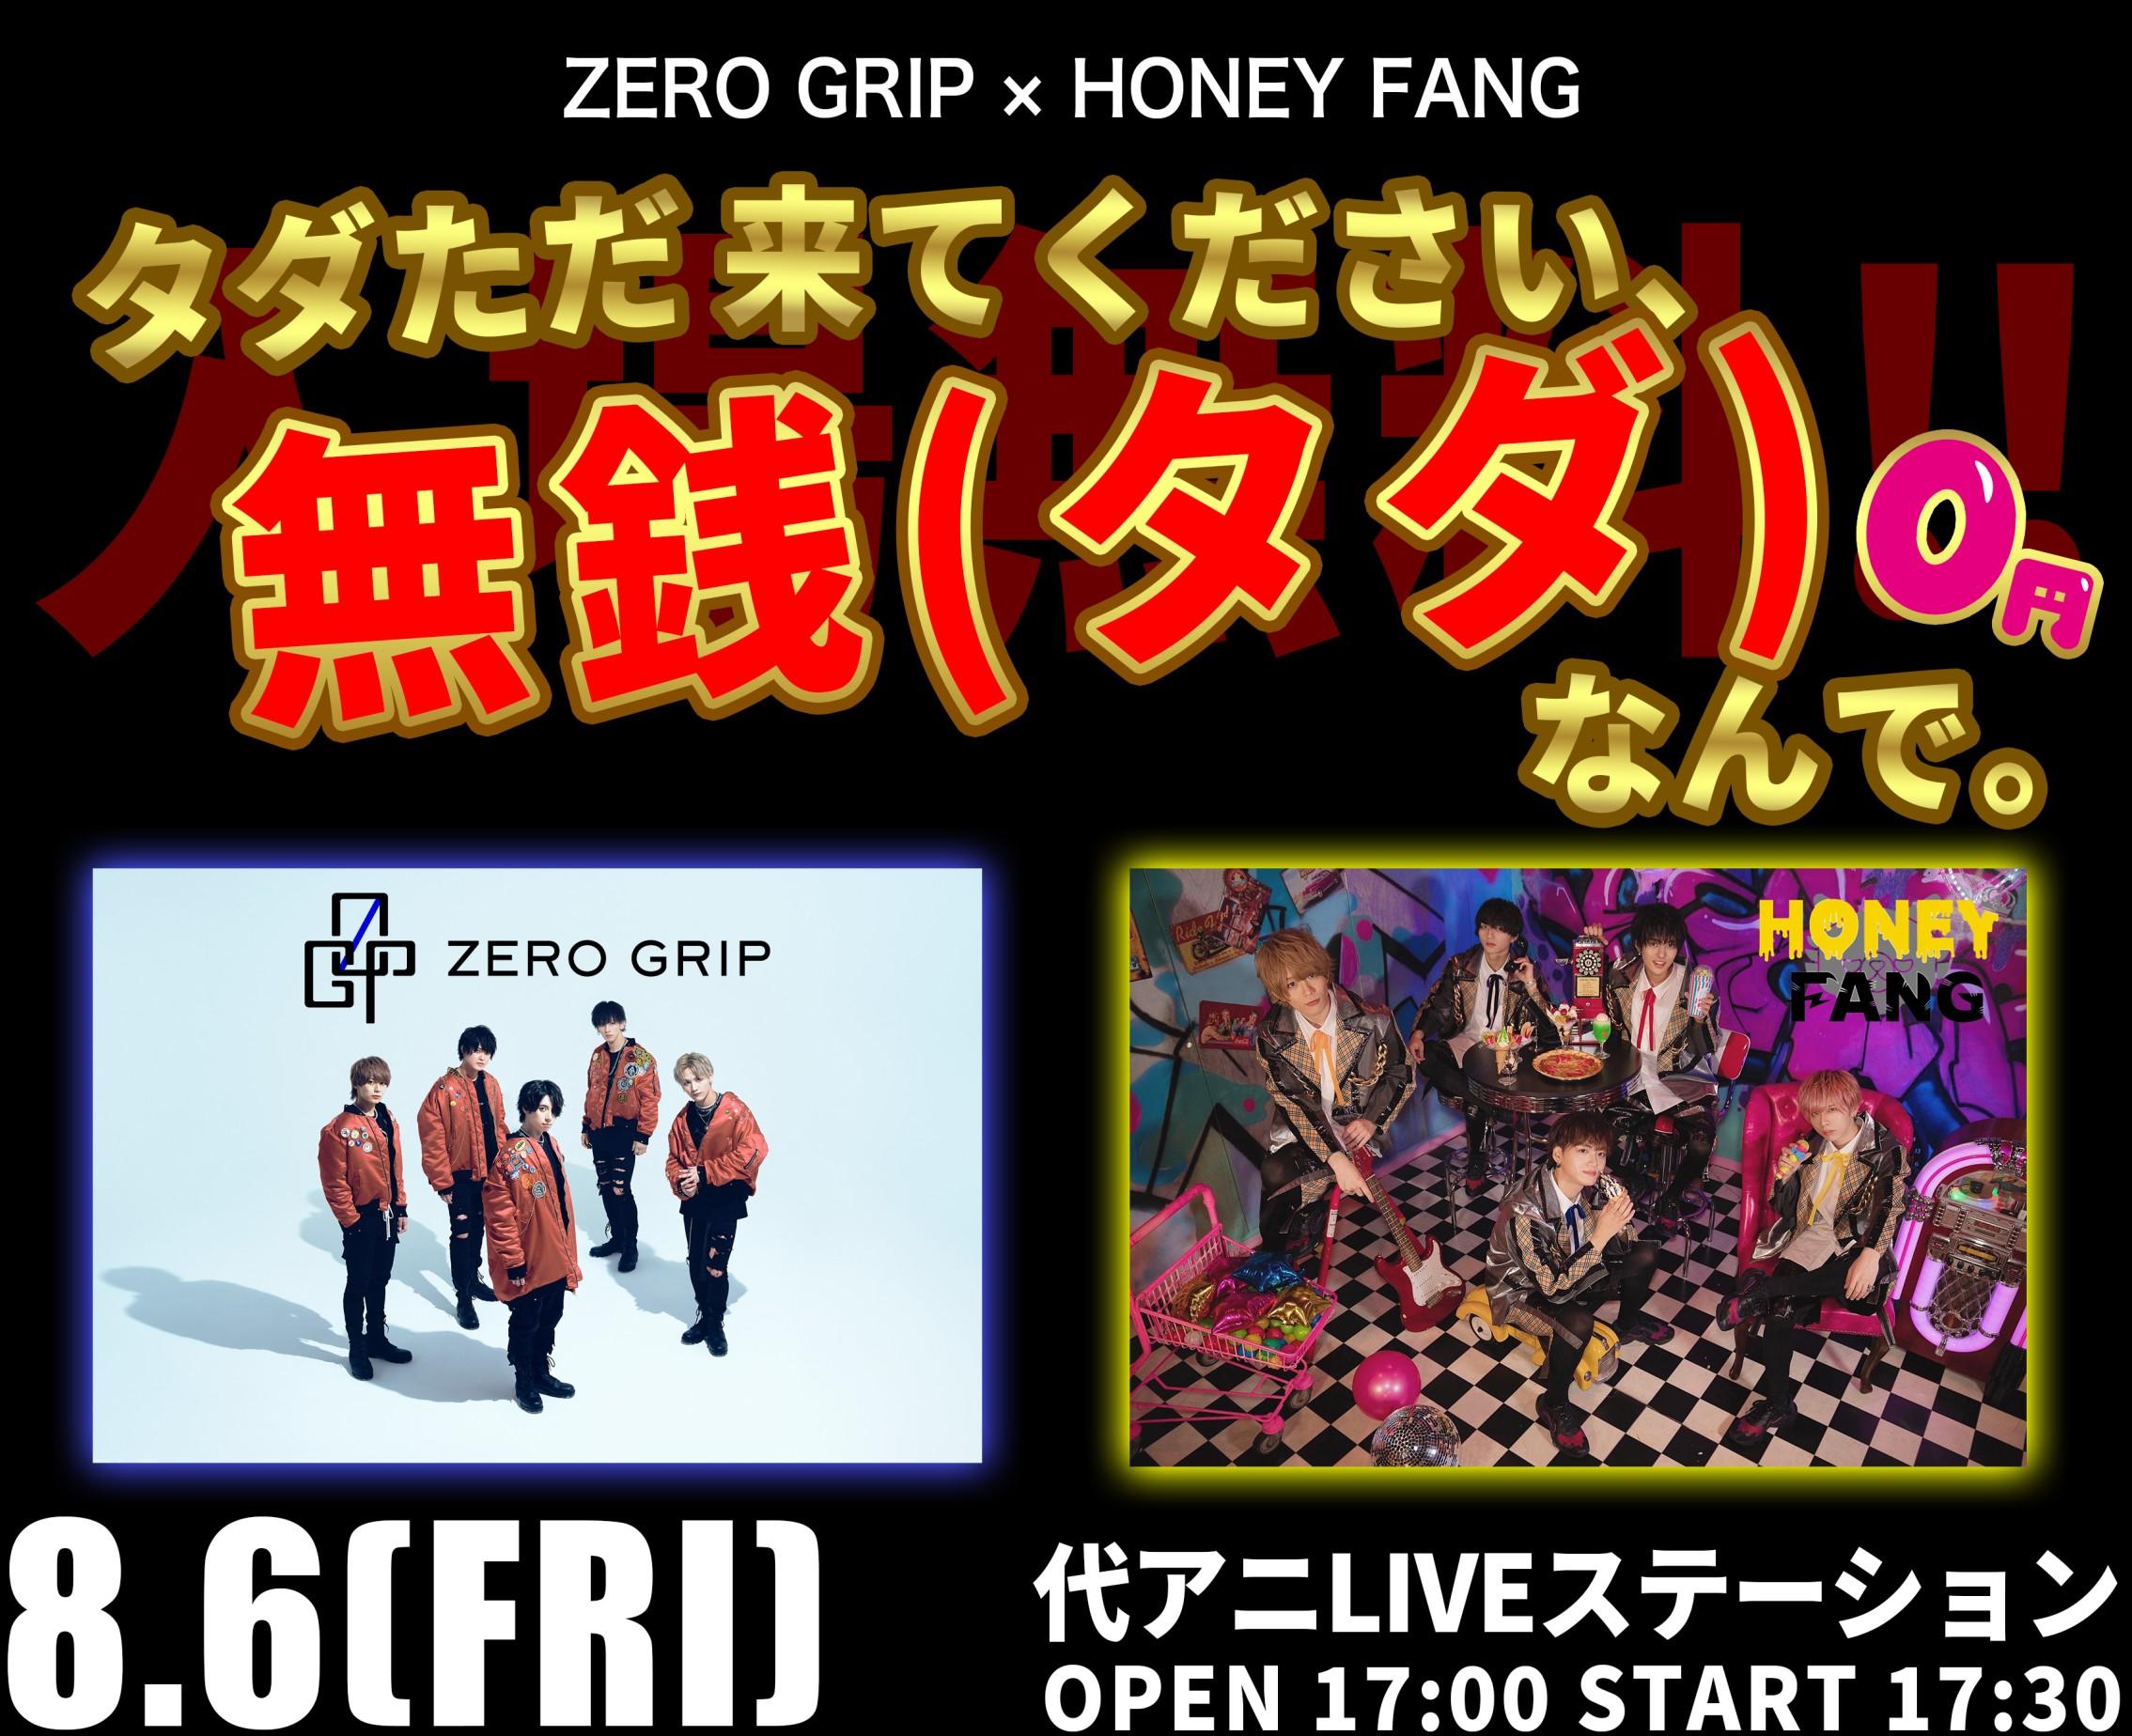 ZERO GRIP × HONEY FANG 〜タダただ来てください、無銭(タダ)なんで。〜